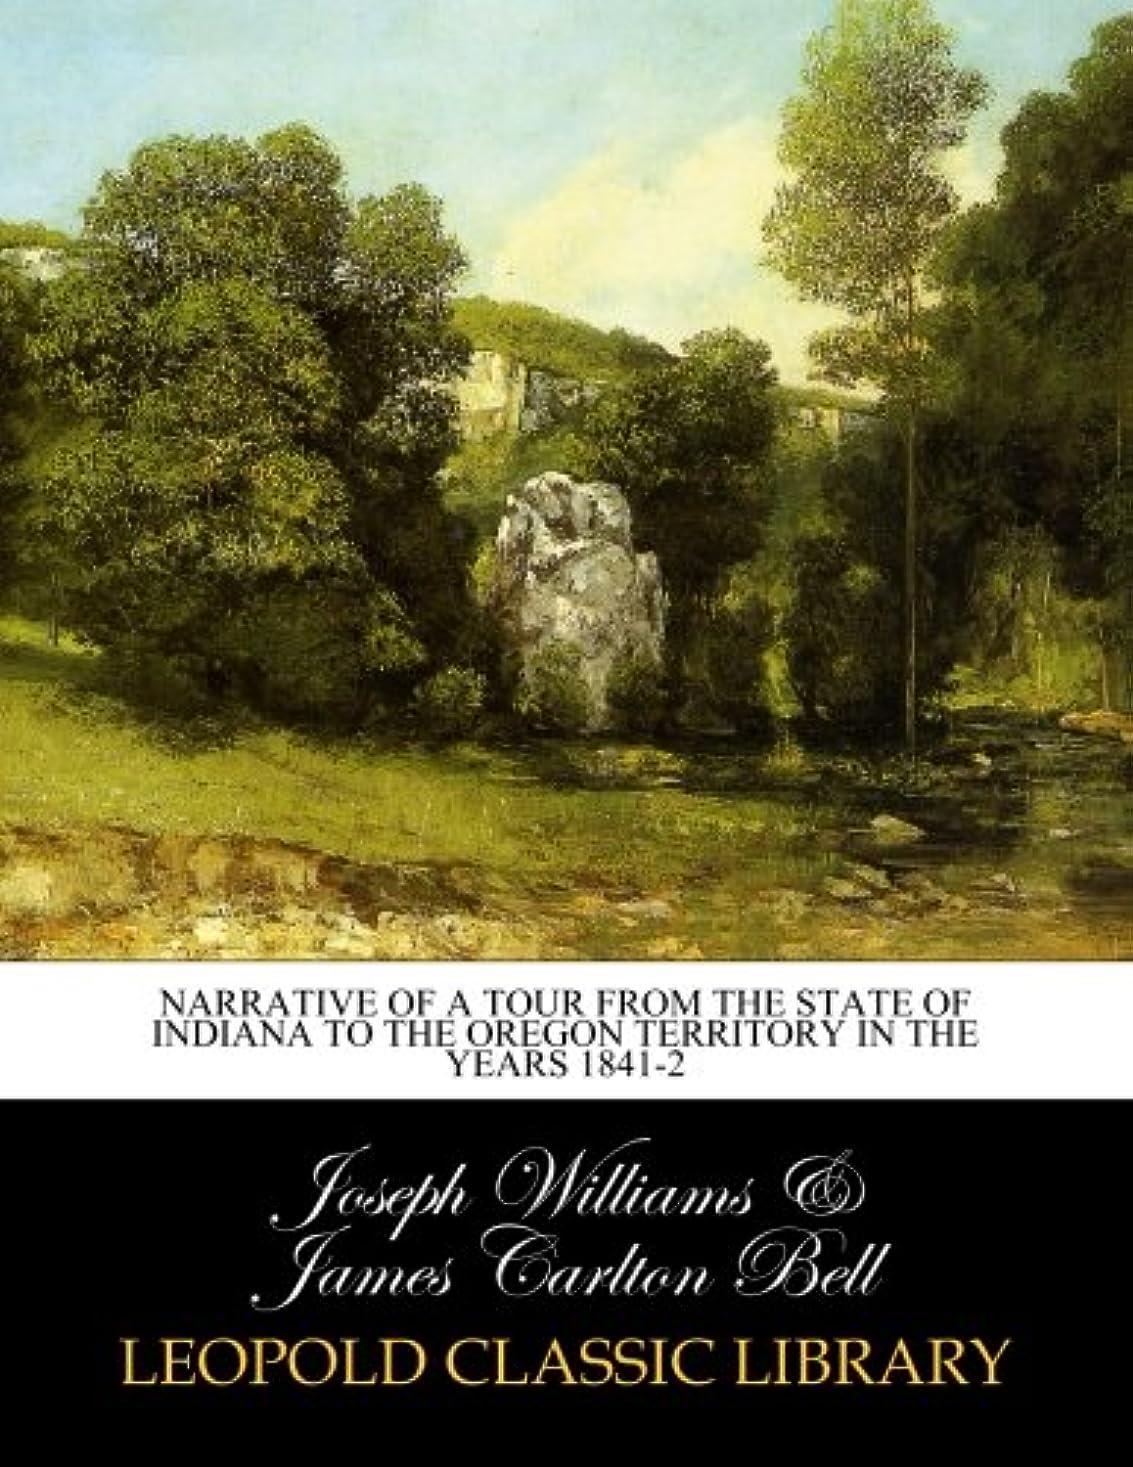 シールド作業器官Narrative of a tour from the state of Indiana to the Oregon territory in the years 1841-2